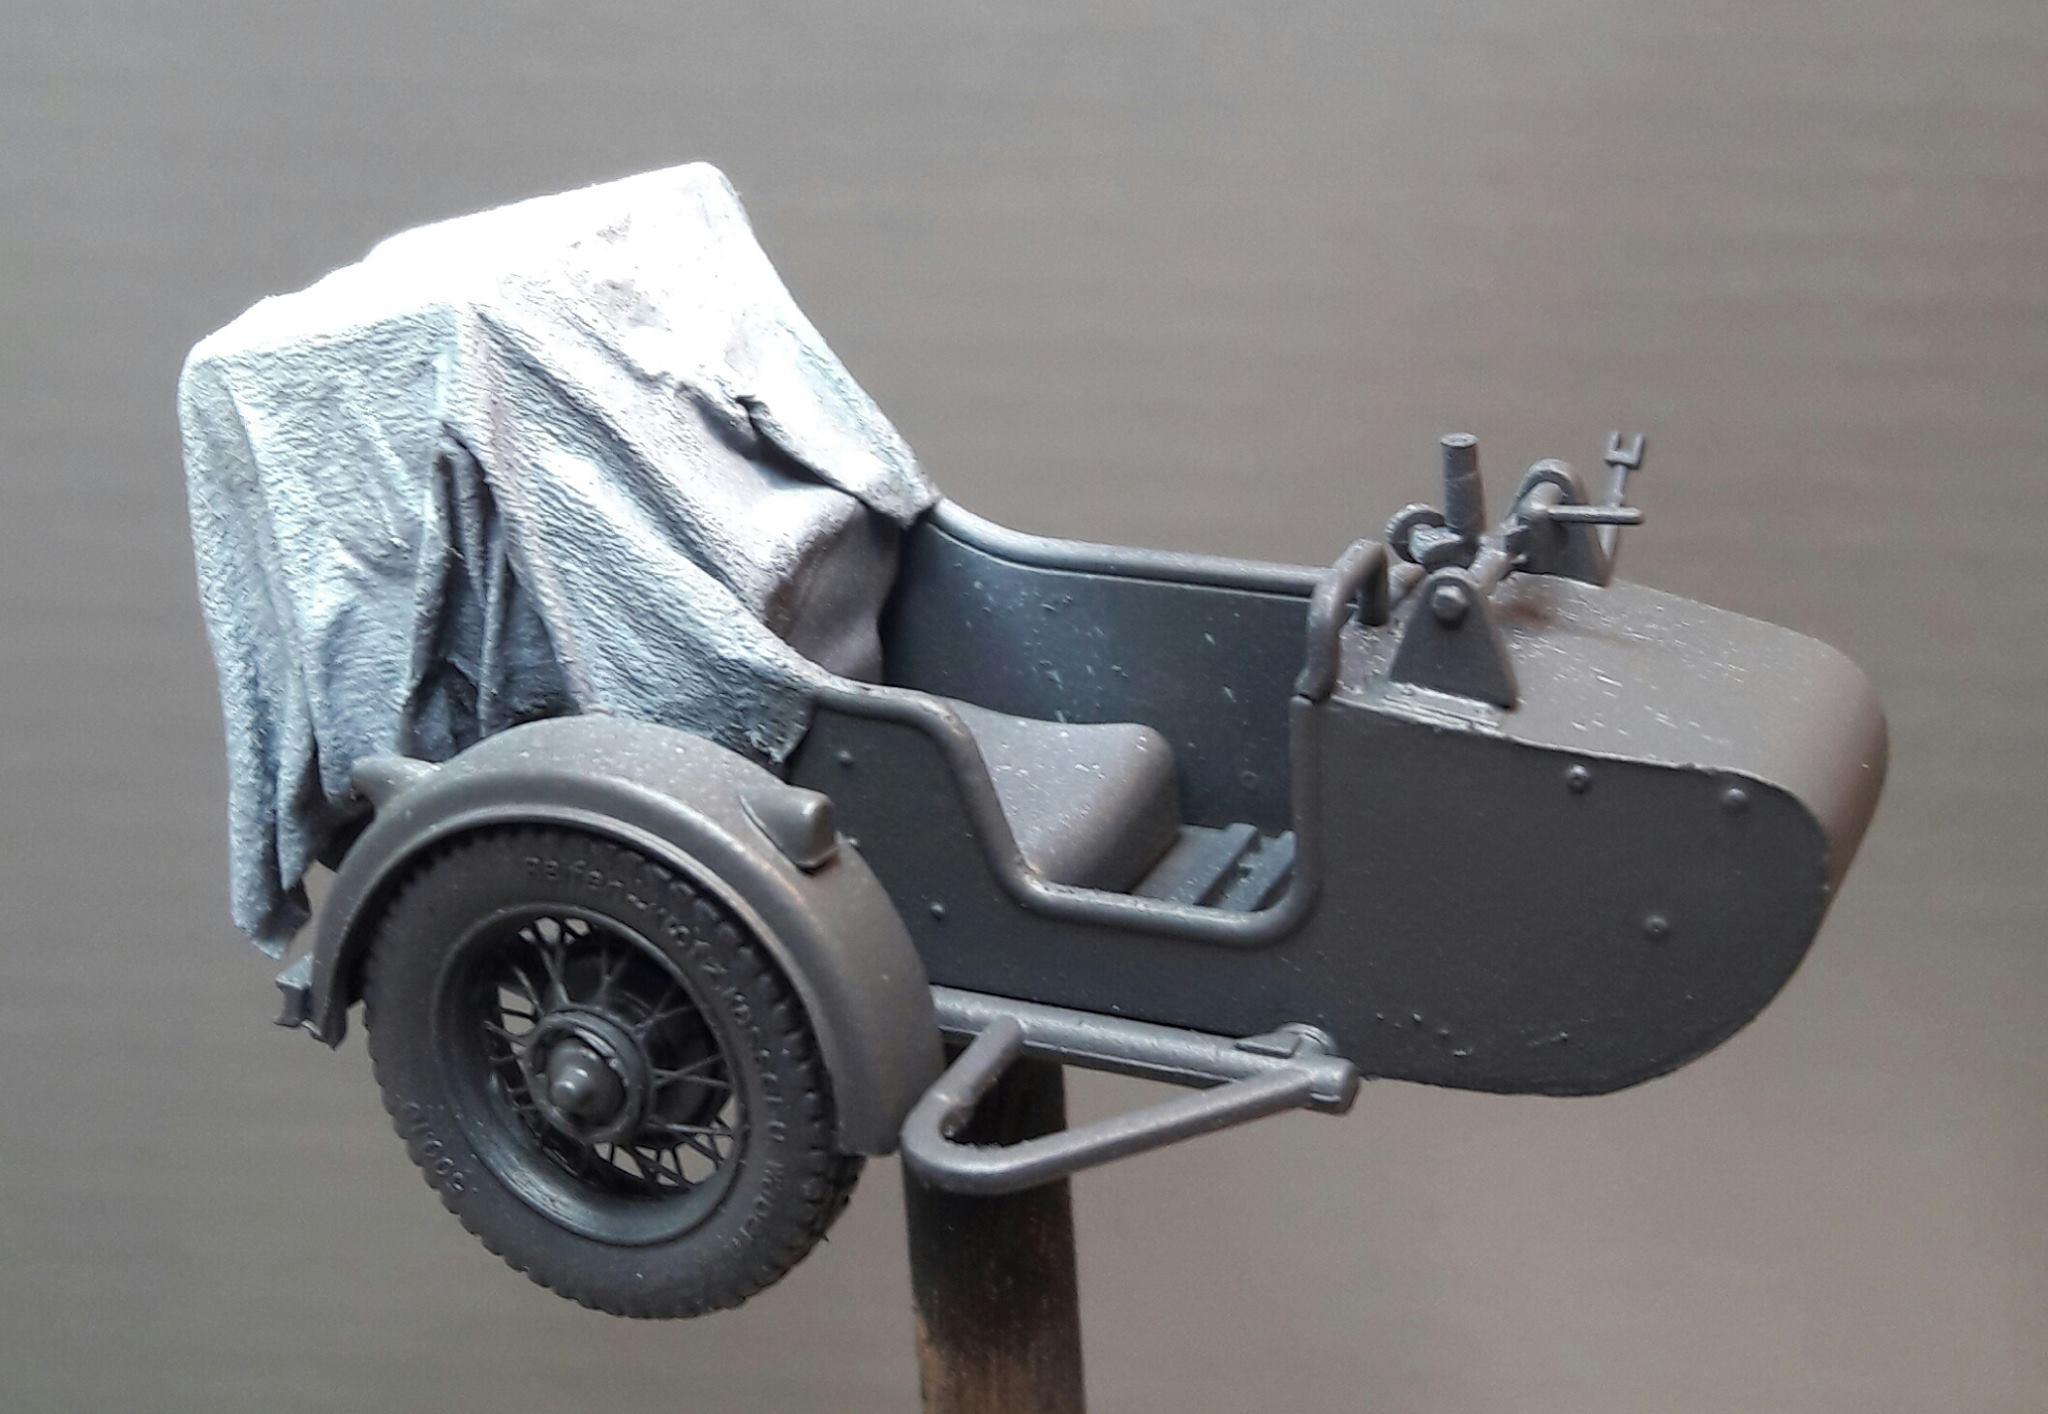 Zündapp KS750 - Sidecar - Great Wall Hobby + figurines Alpine - 1/35 - Page 4 75854219885824102117676390809861606511282o